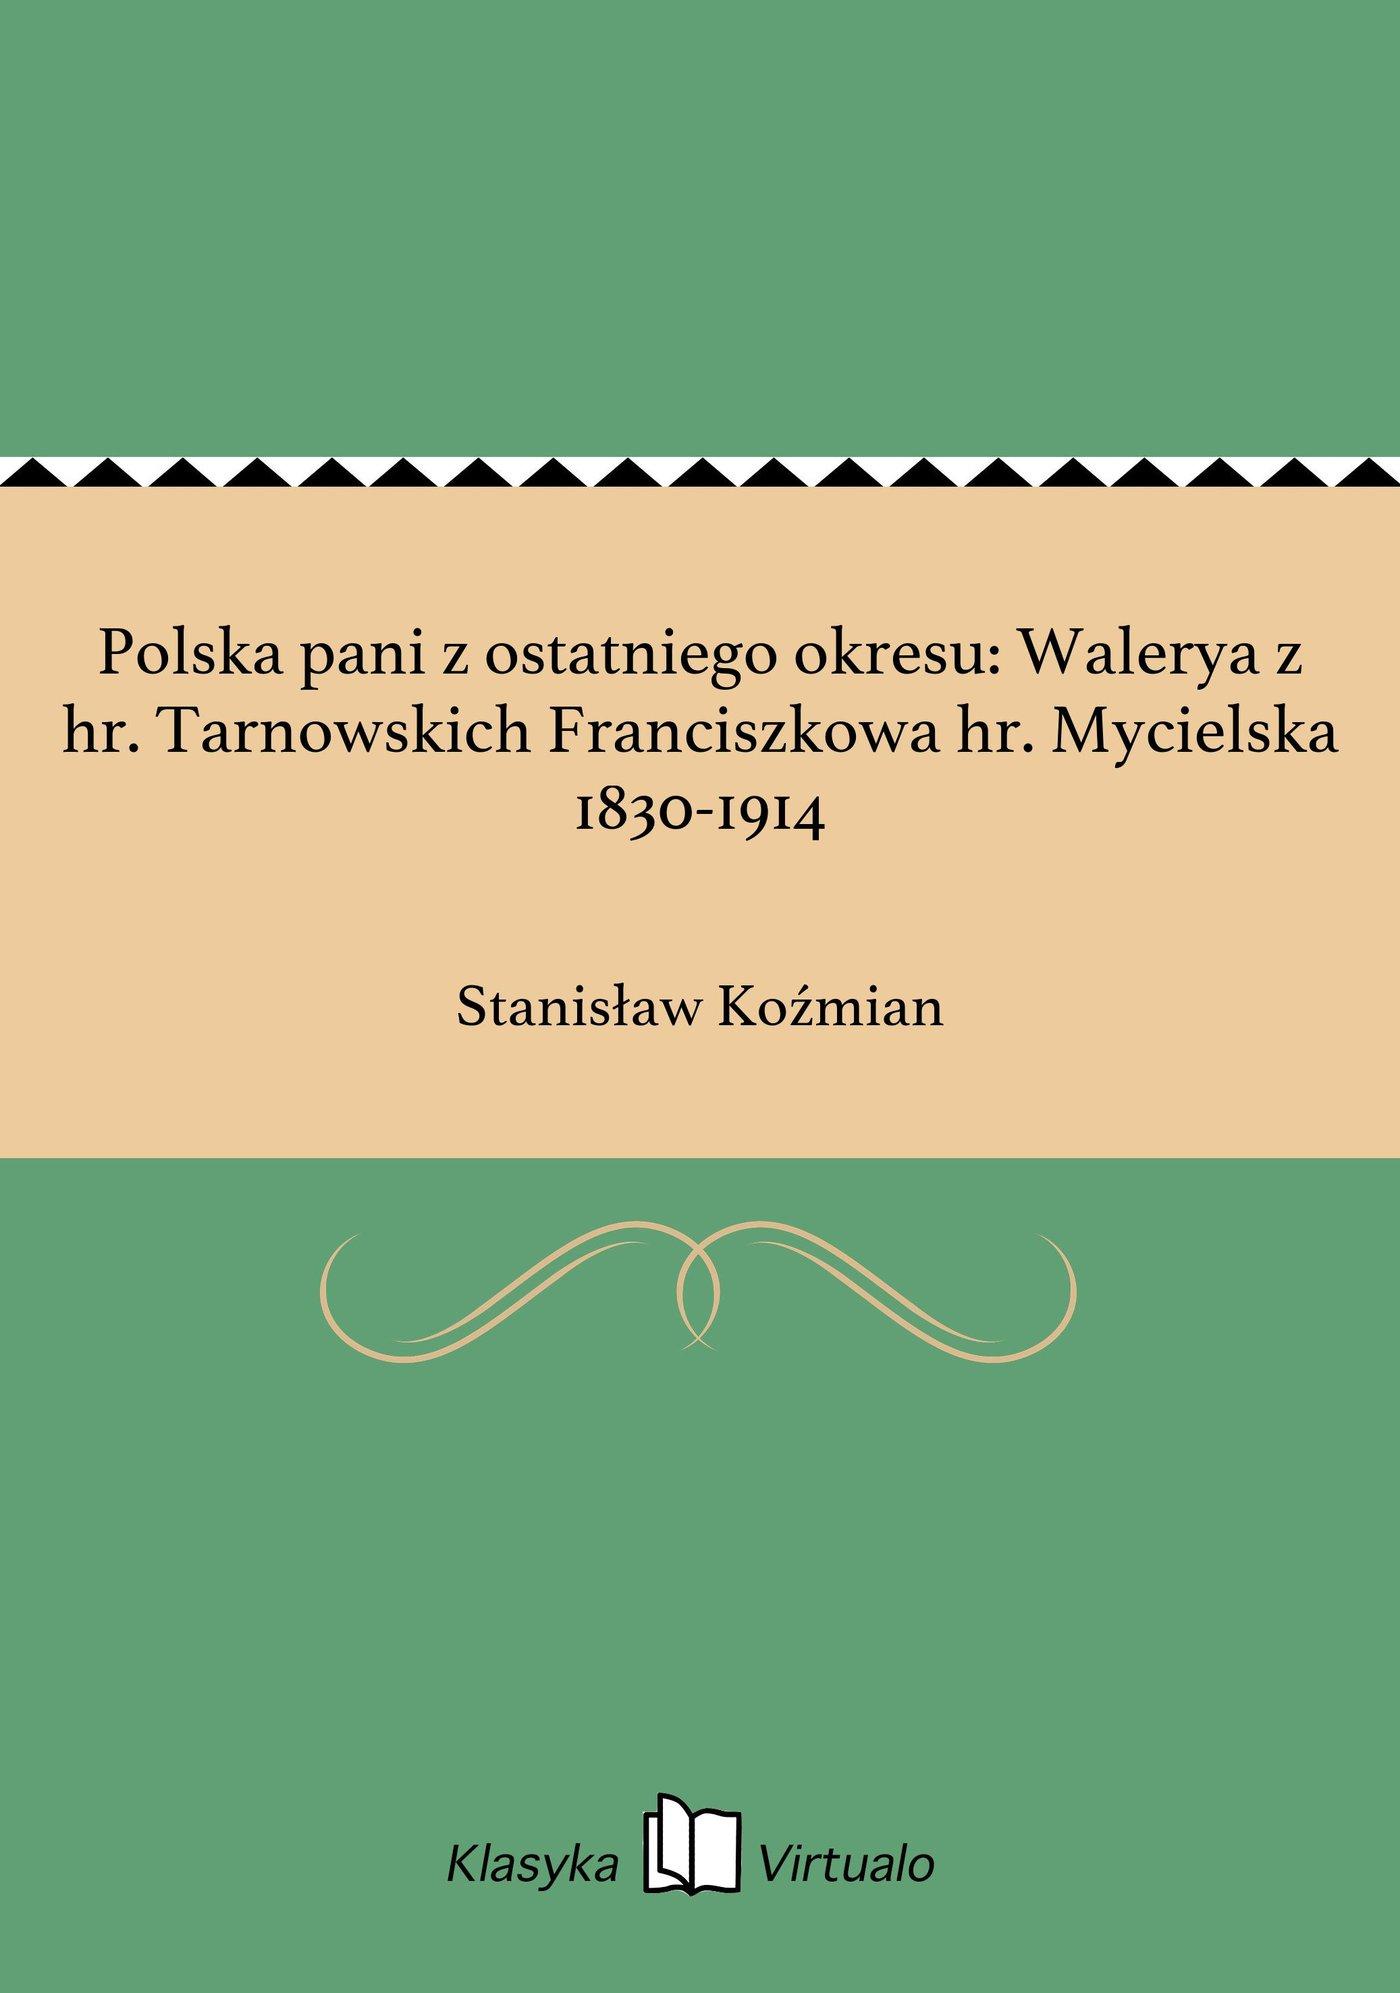 Polska pani z ostatniego okresu: Walerya z hr. Tarnowskich Franciszkowa hr. Mycielska 1830-1914 - Ebook (Książka EPUB) do pobrania w formacie EPUB